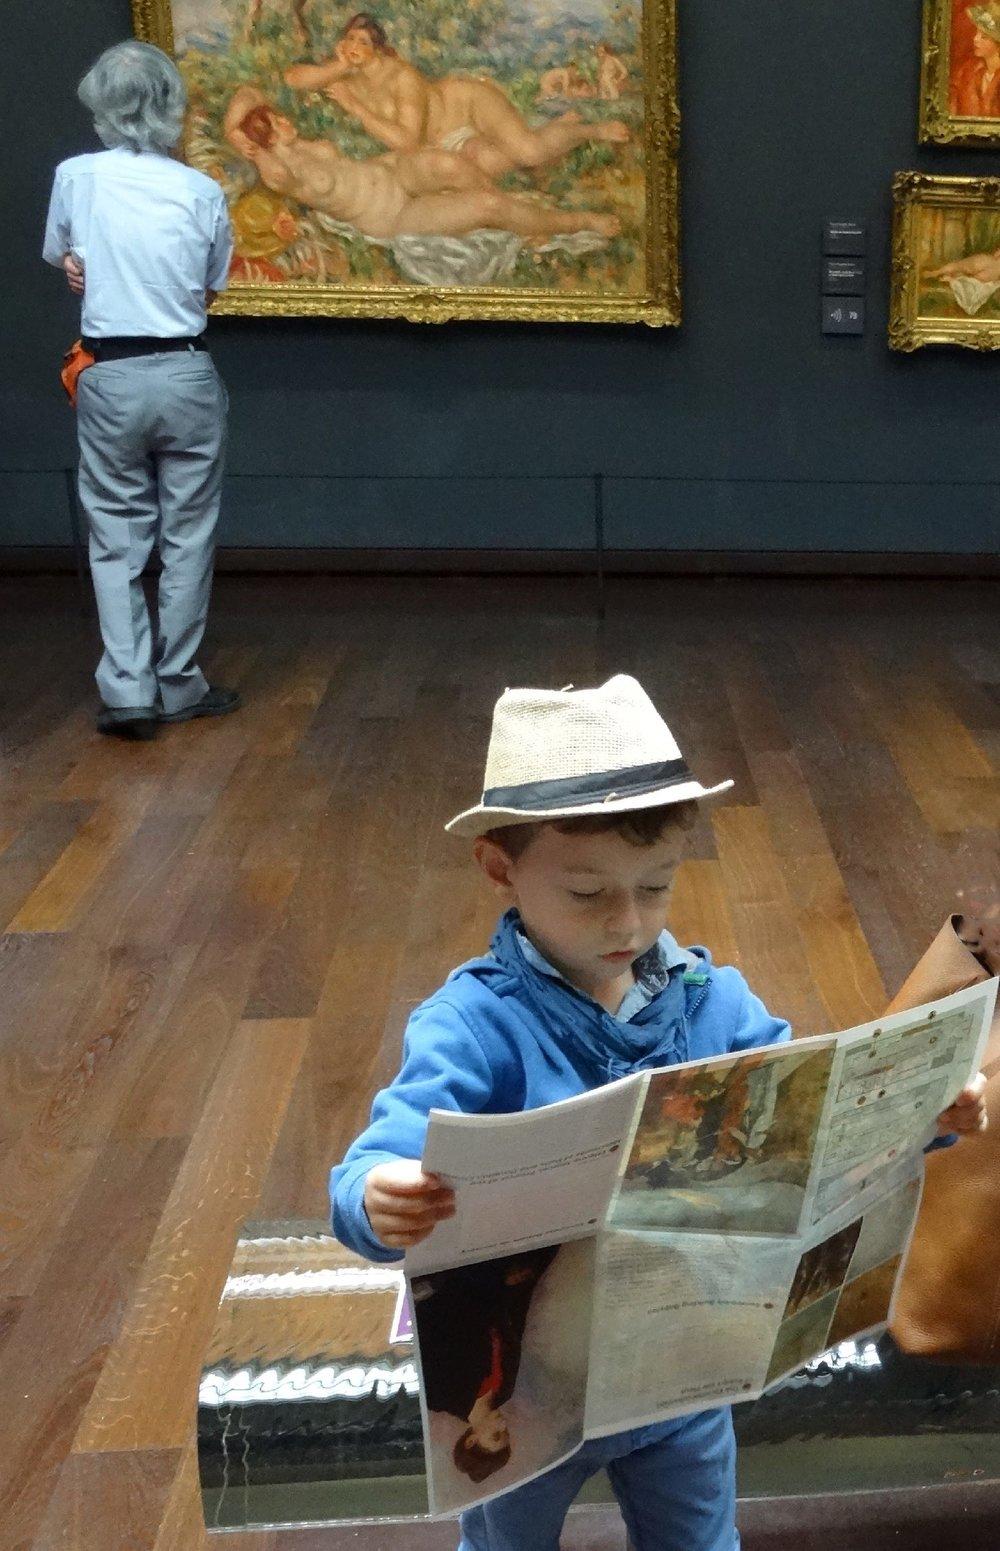 L'enfant au chapeau et le nu | Musée d'Orsay Paris | photo sandrine cohen